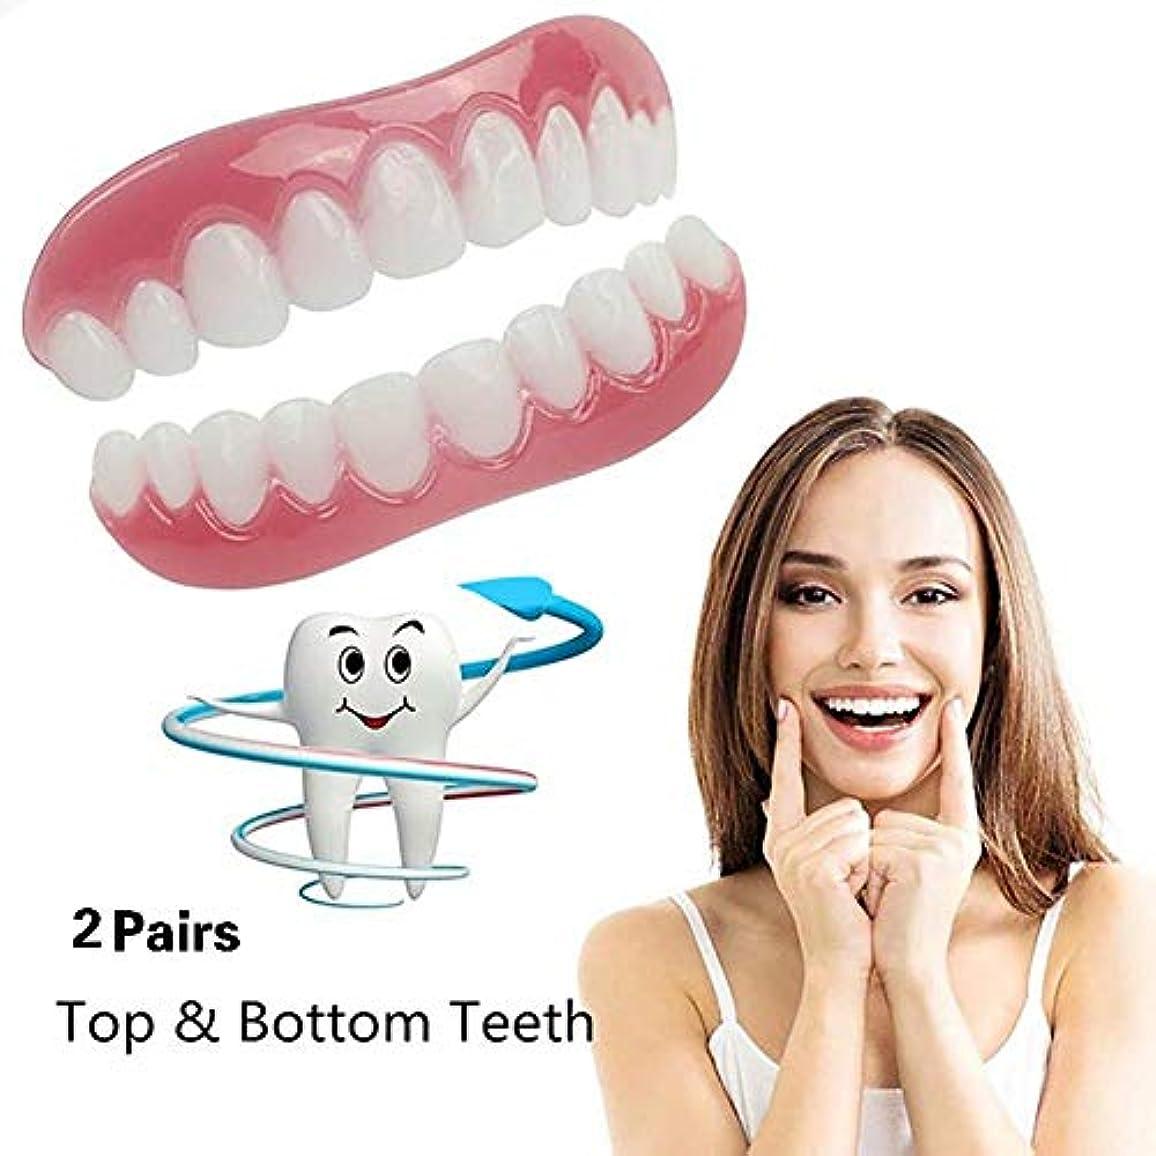 高層ビル話シャーロックホームズのシリコーンの歯のベニヤの歯の快適さのフィットフレックス化粧品の歯義歯の歯のトップとボトム化粧品のベニヤのシミュレーションのブレースワンサイズフィットすべて